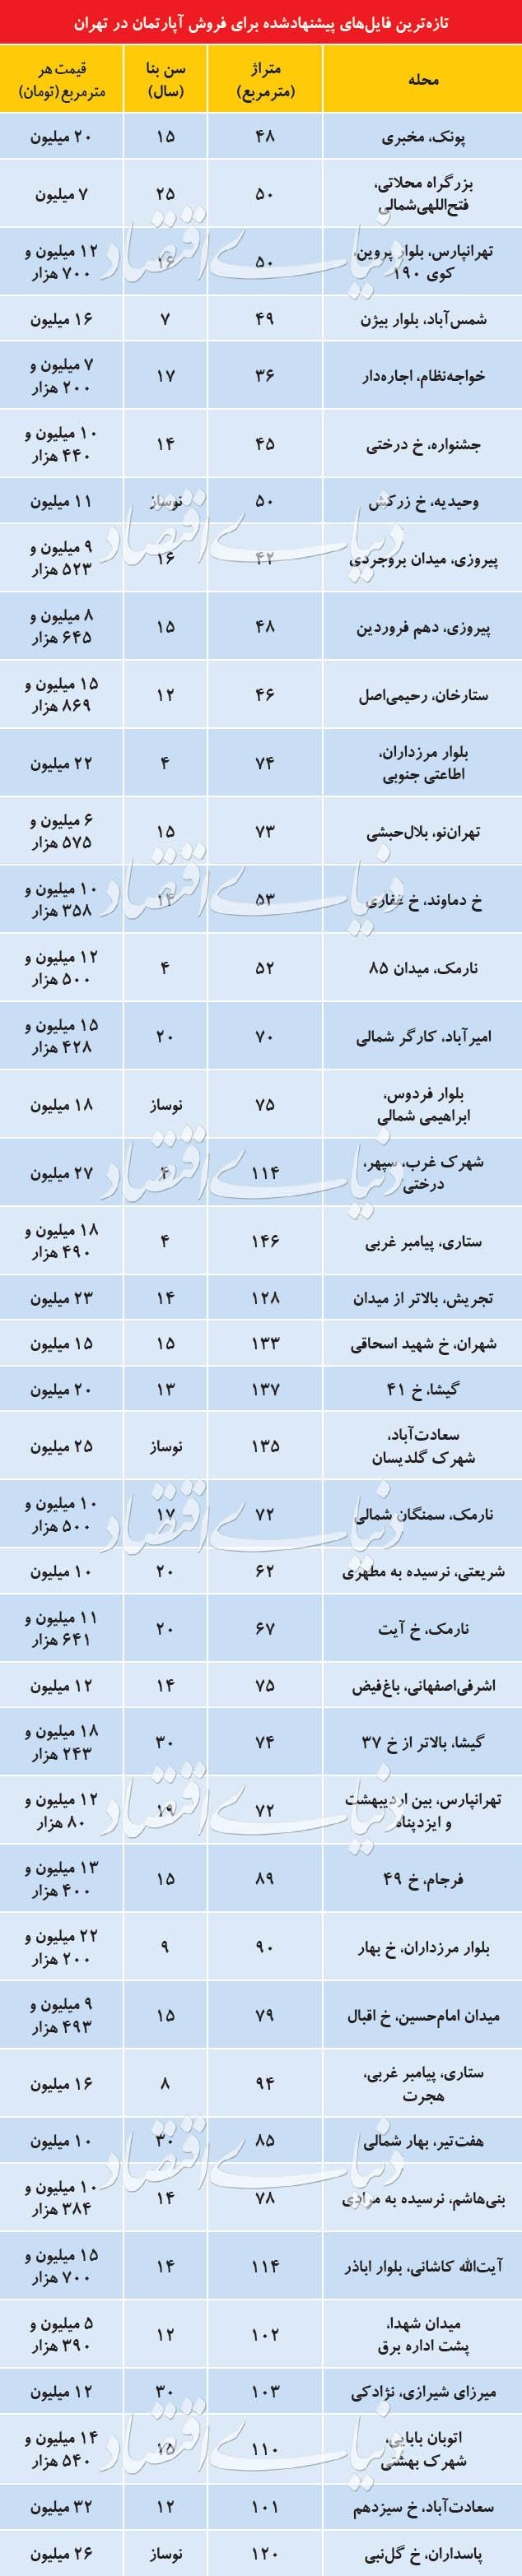 تازهترین قیمت آپارتمان در مناطق مختلف تهران + جدول